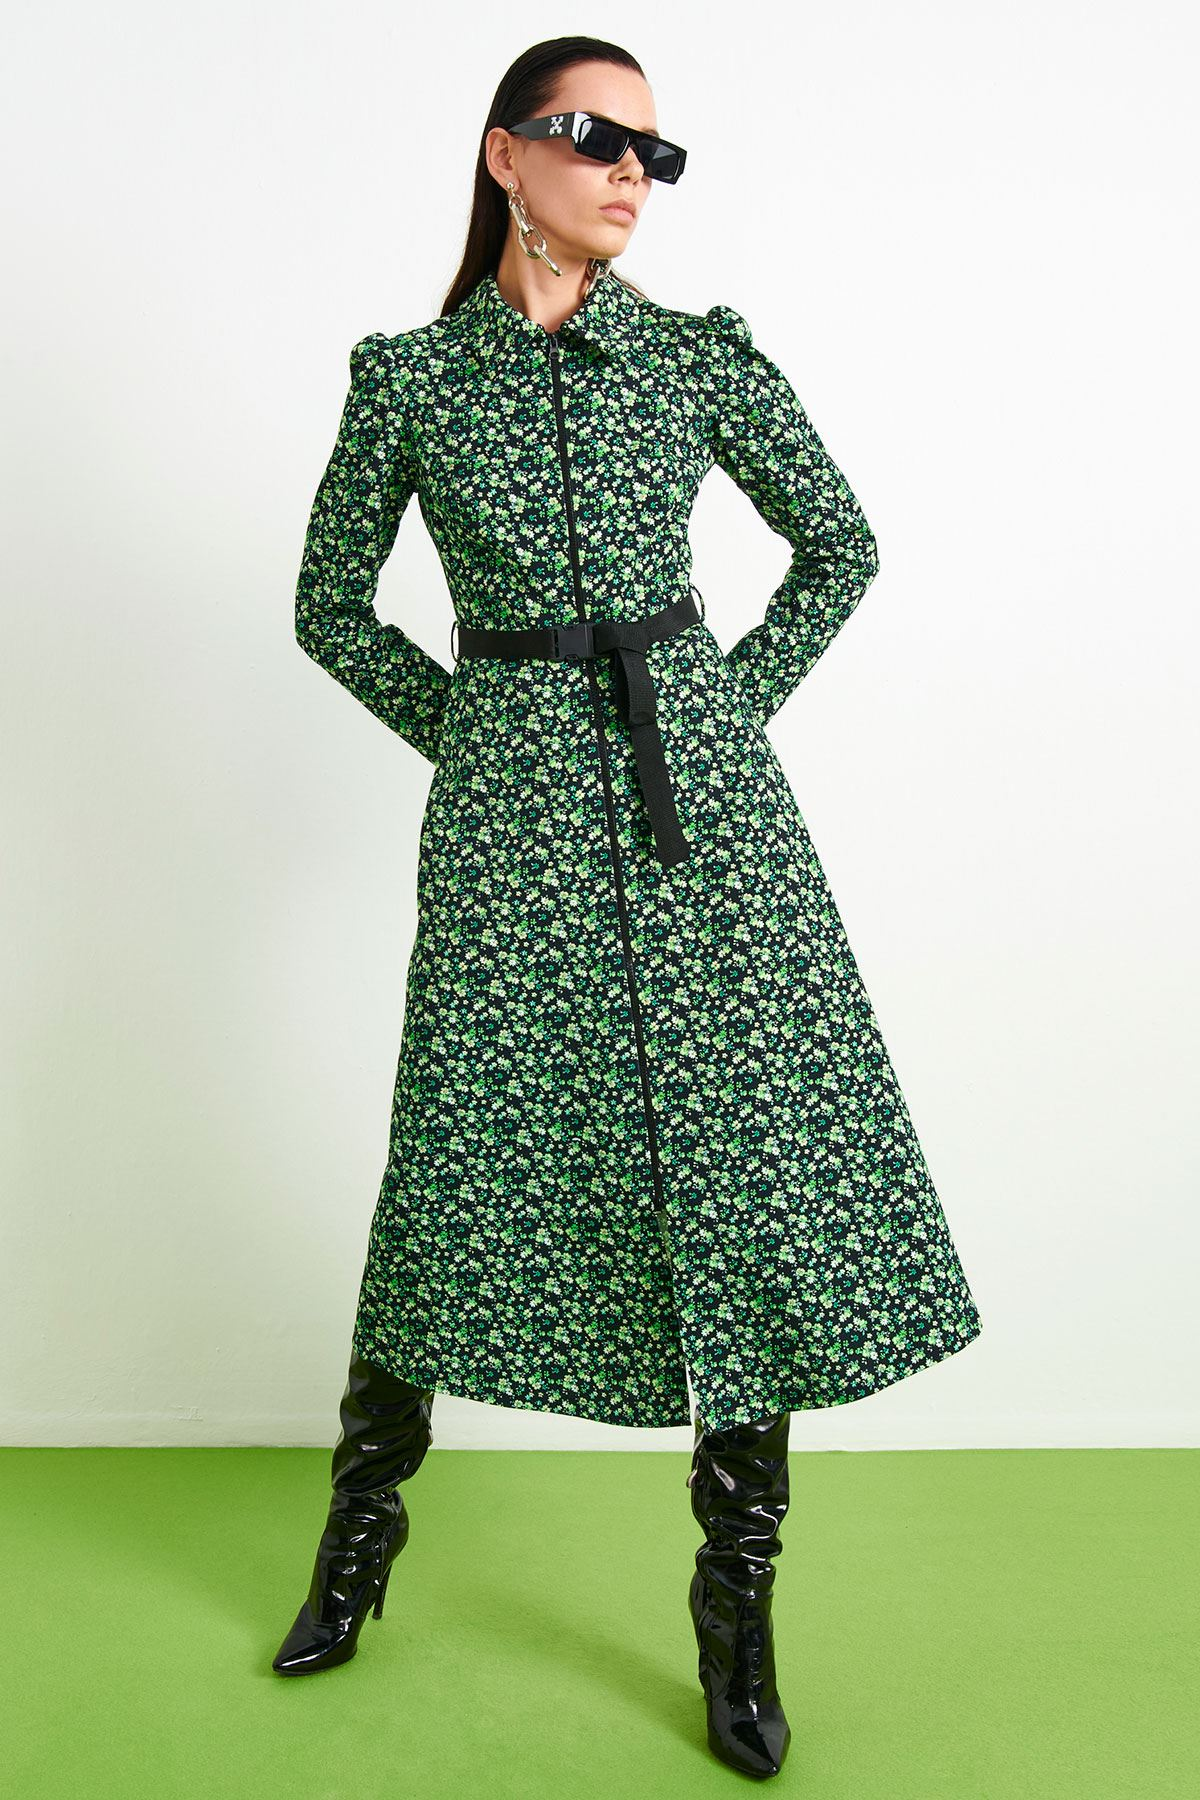 Neon Çiçek Desenli Elbise Fıstık Yeşili